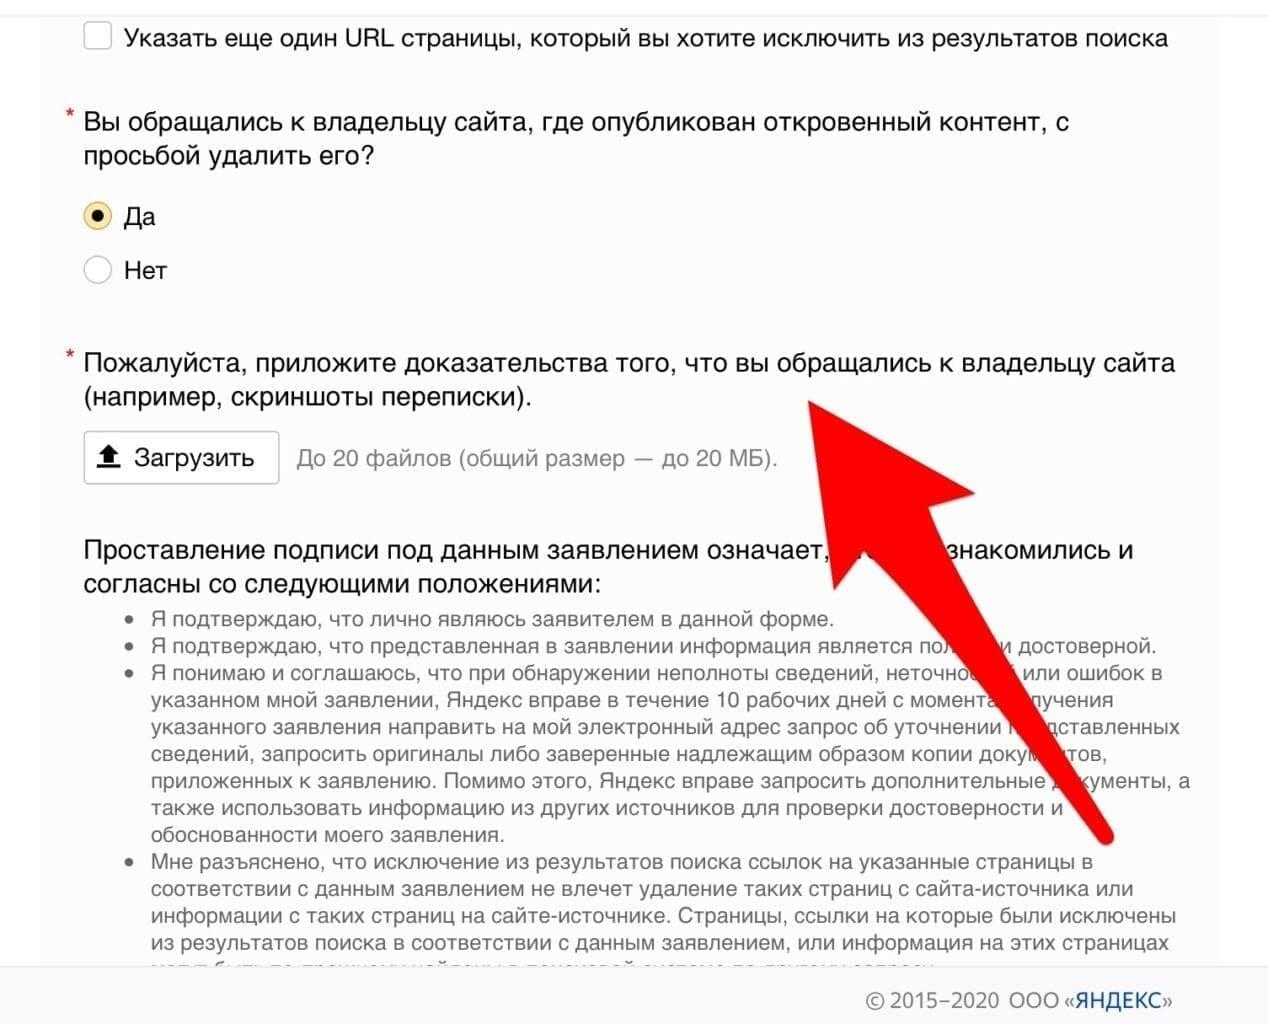 Прежде чем пожаловаться в службу поддержки Яндекс, приготовьте доказательства